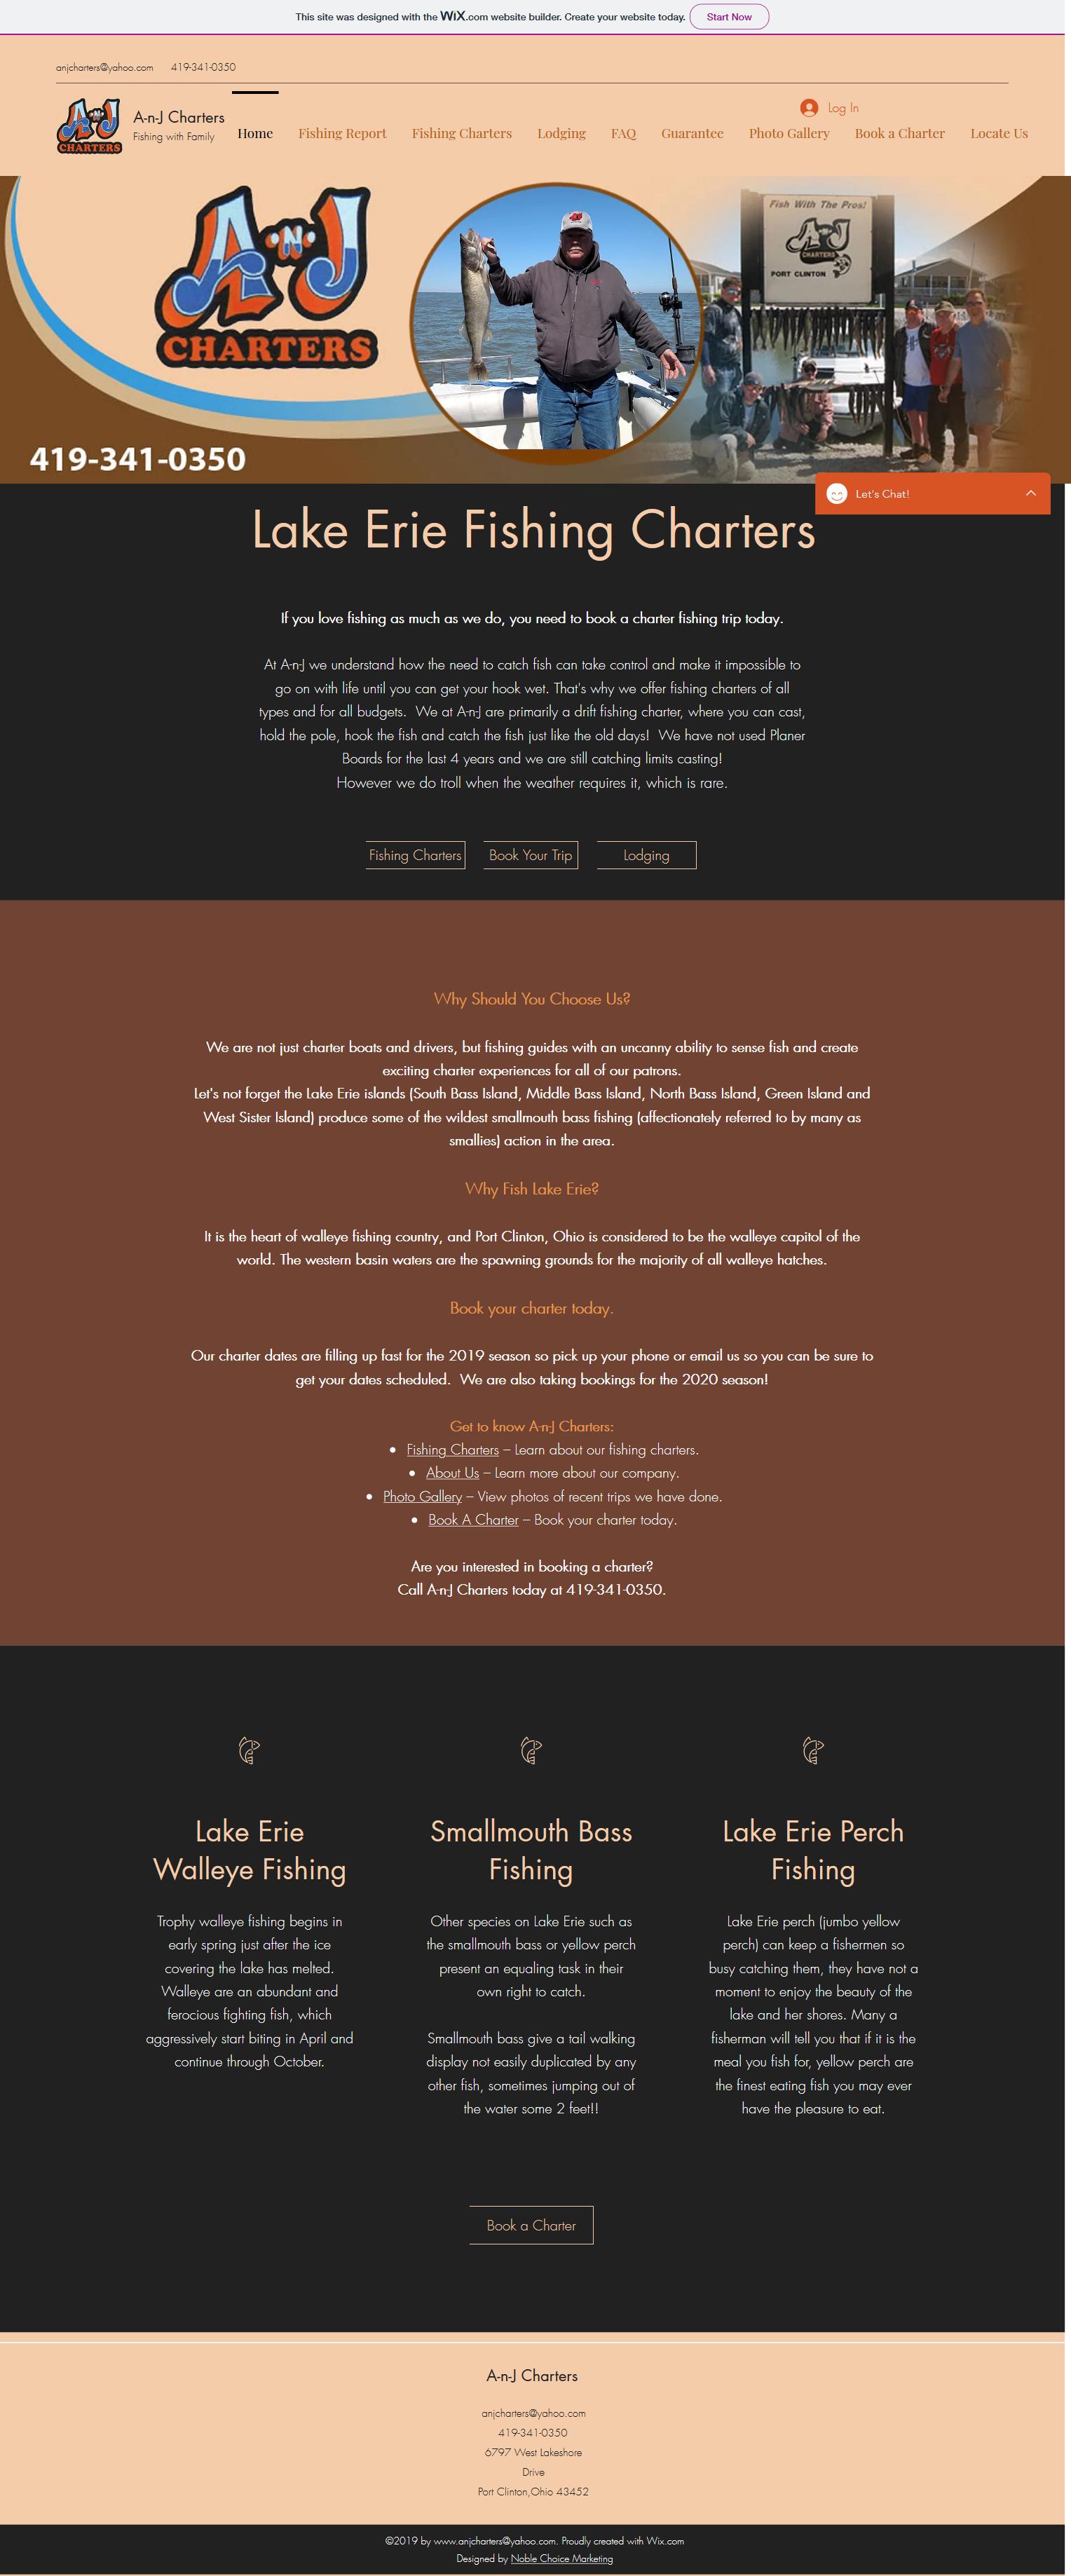 Screenshot_2019-10-25 Home A-n-J Charters